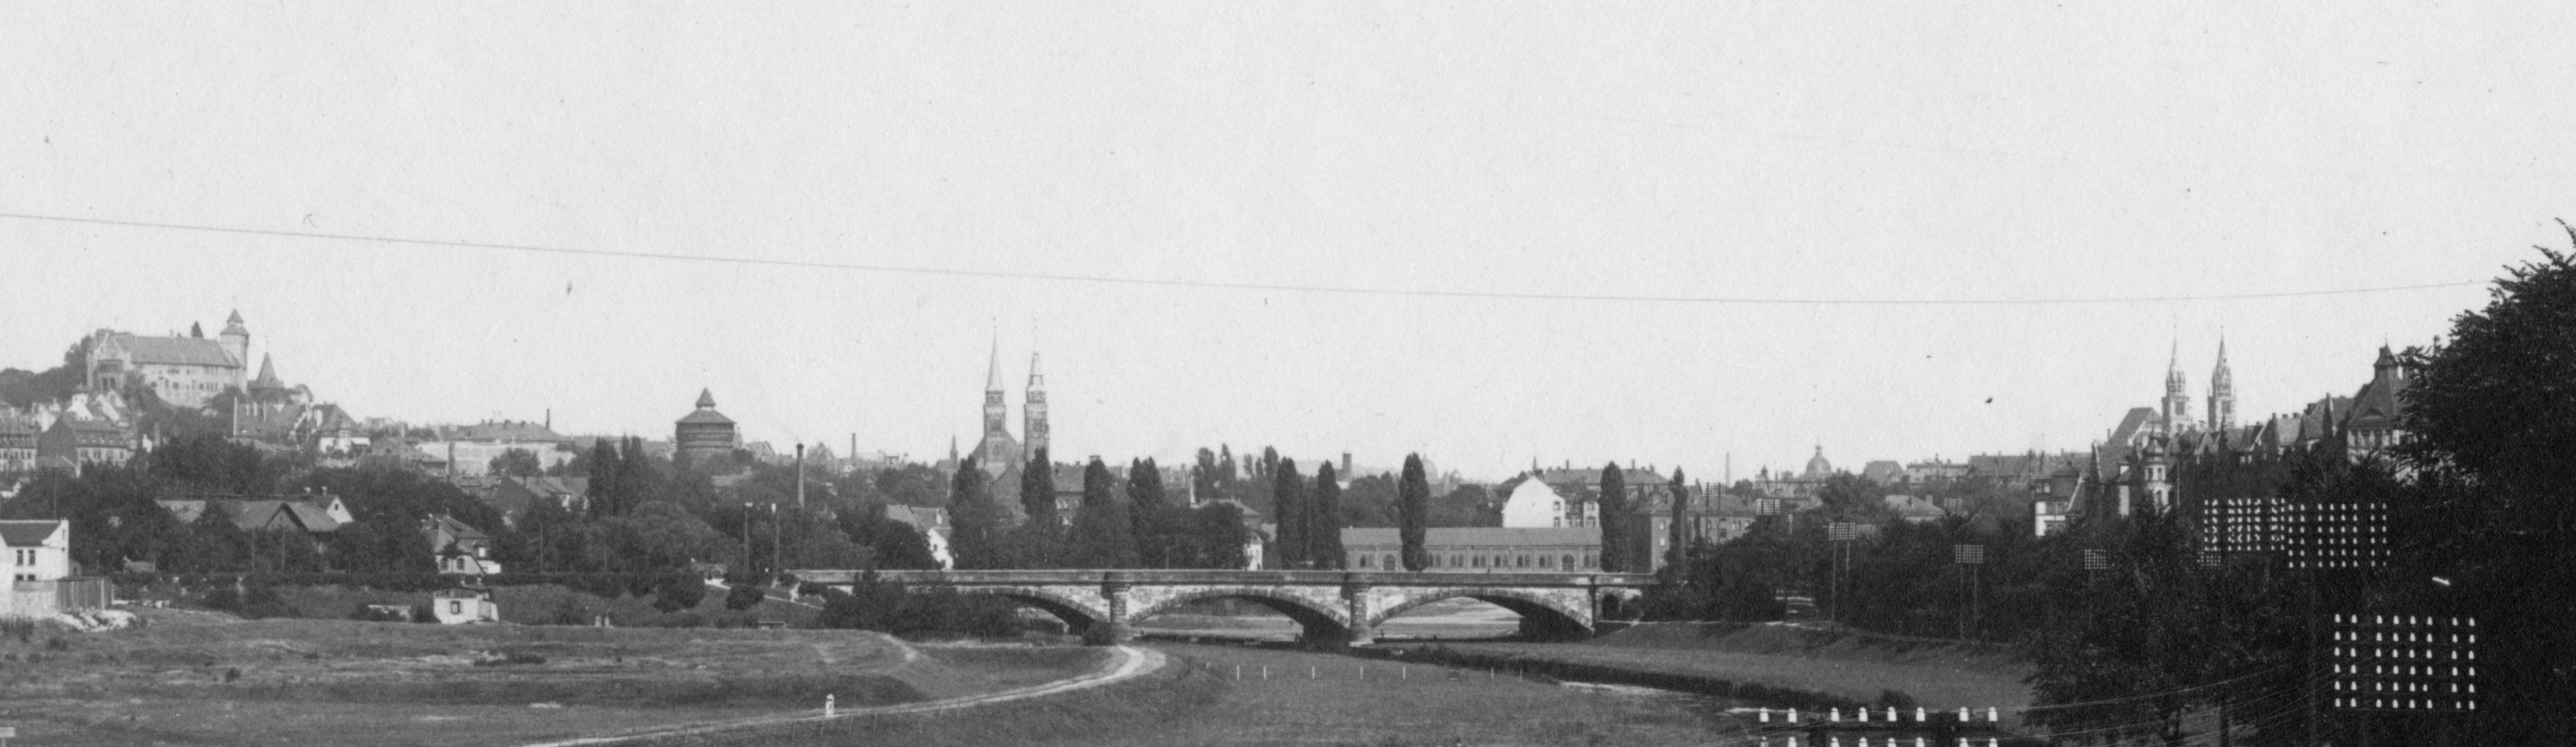 Die Johannisbrücke, 1920 von der Reutersbrunnenstraße aus fotografiert. Foto: Stadt Nürnberg, Tiefbauamt (Sammlung Sebastian Gulden)